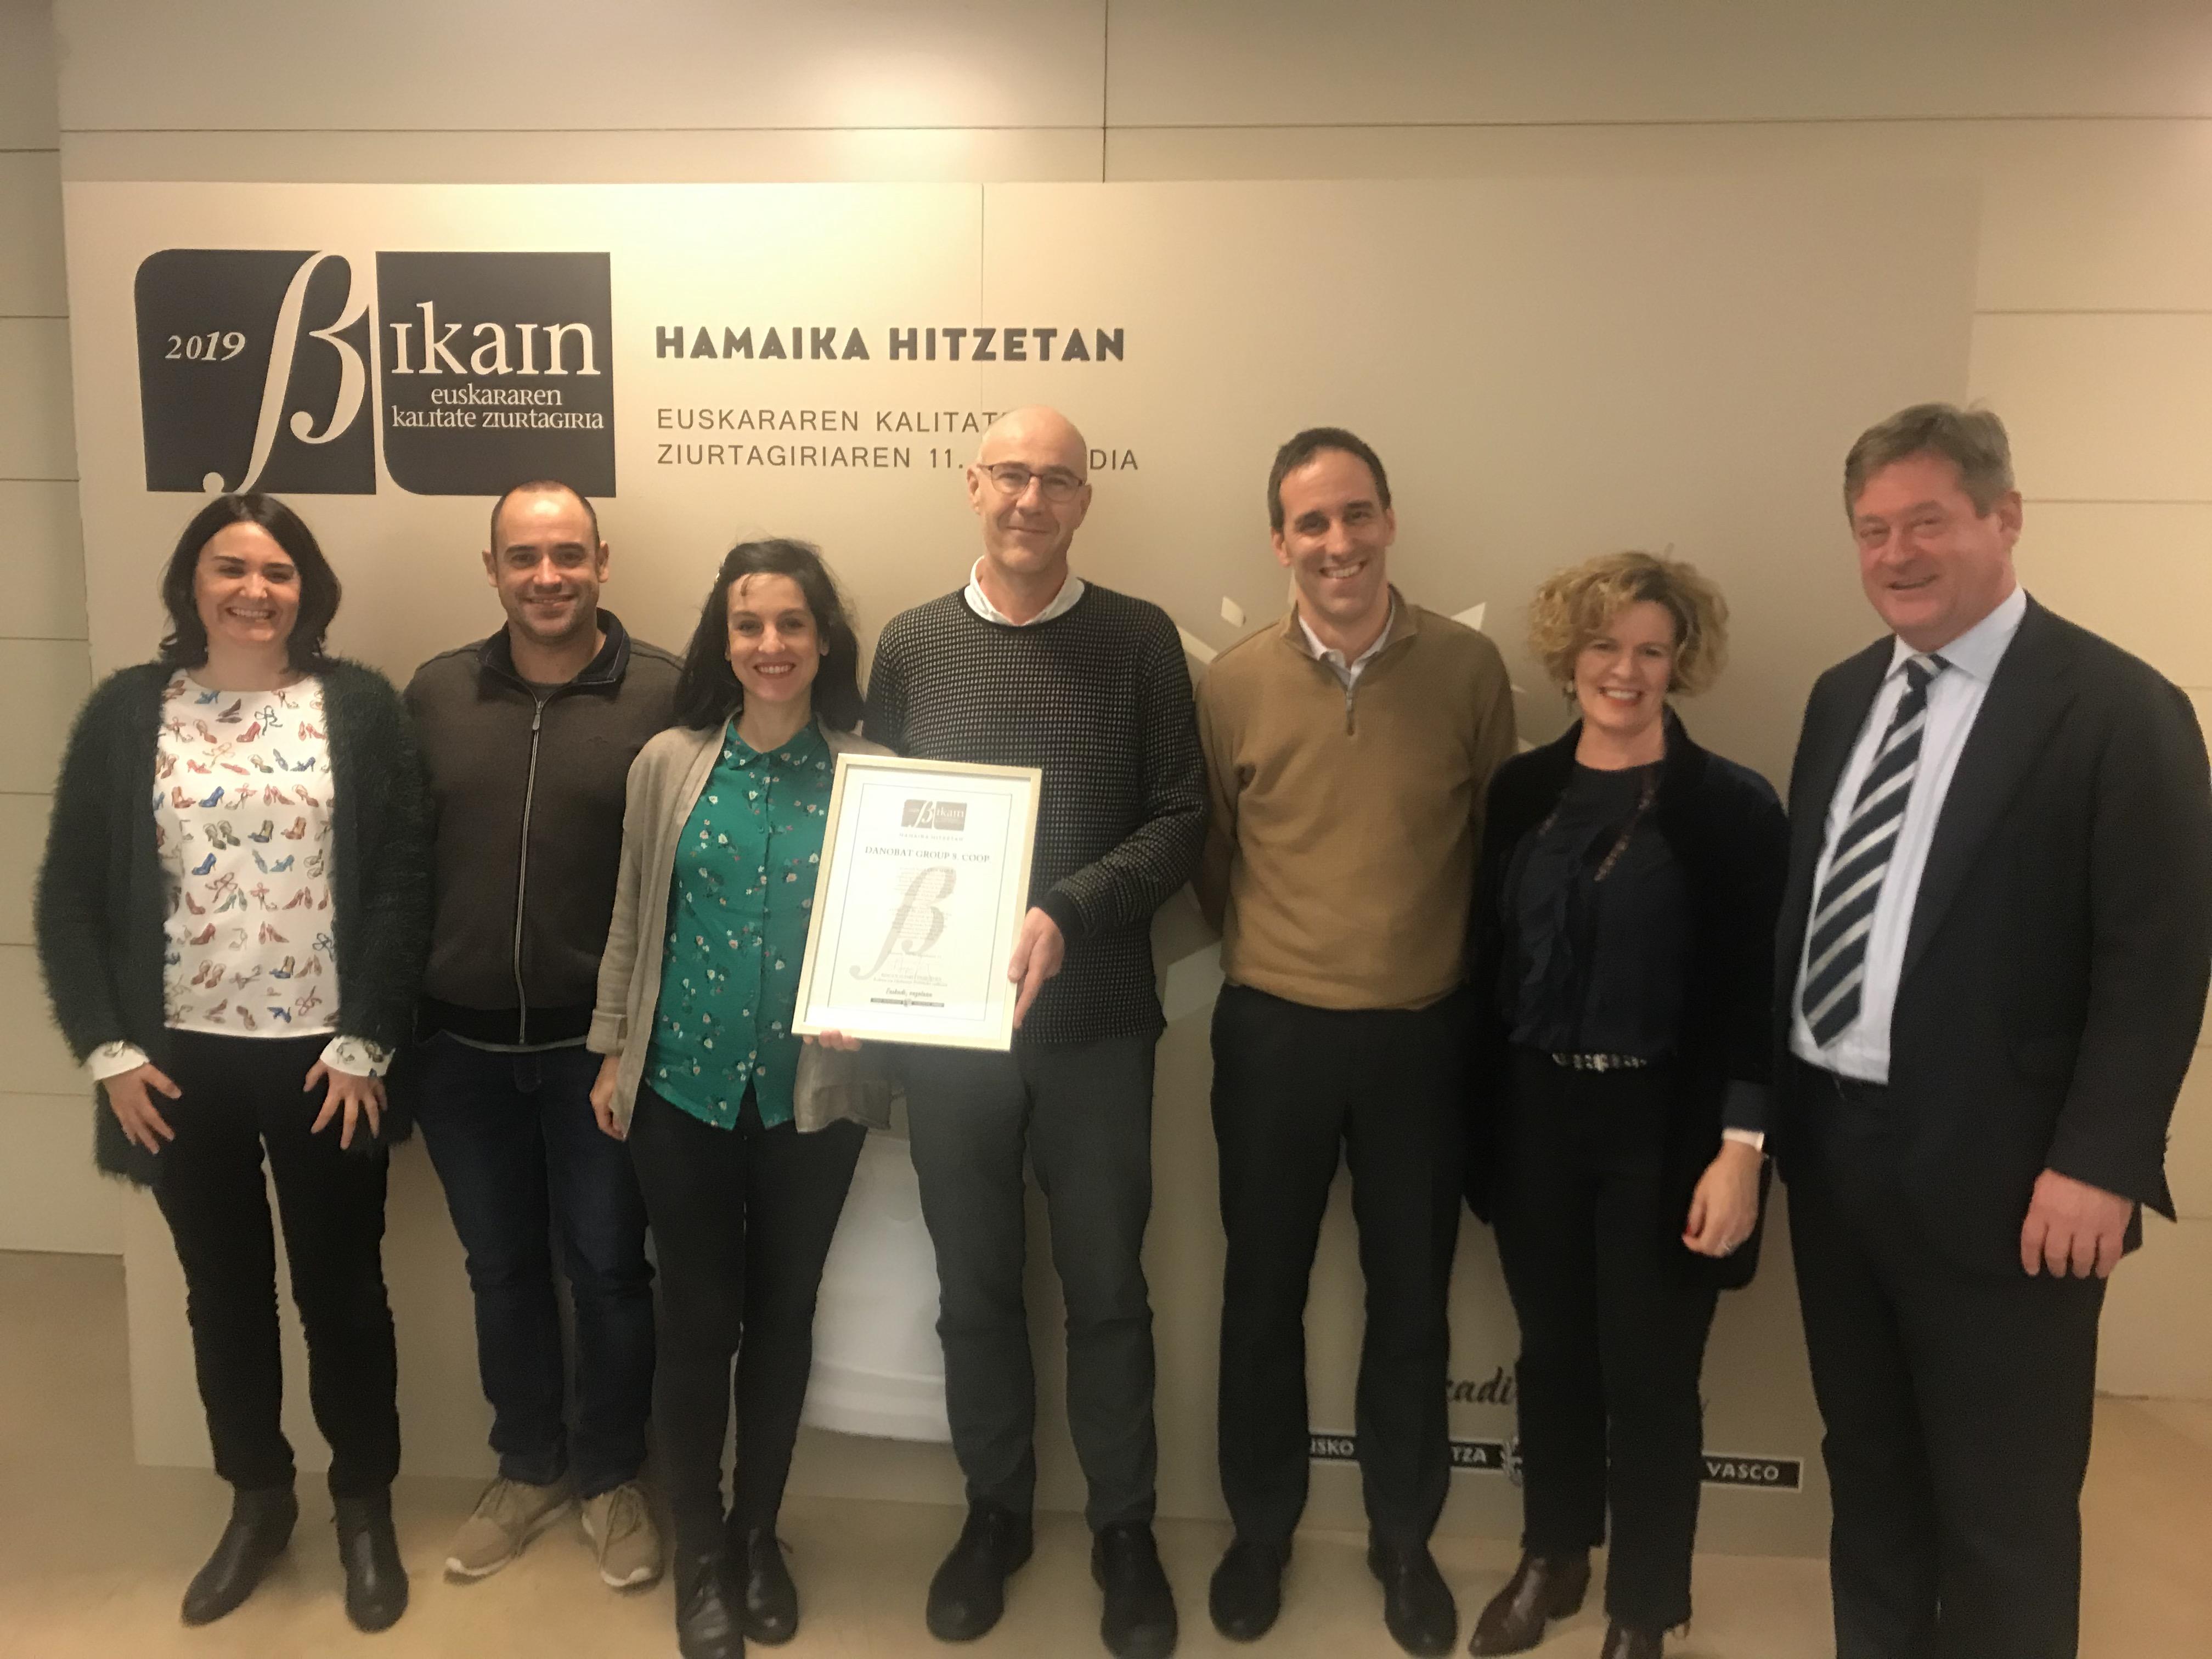 Danobatgroup ha conseguido el Certificado de Calidad en la Gestión Lingüística BIKAIN de plata